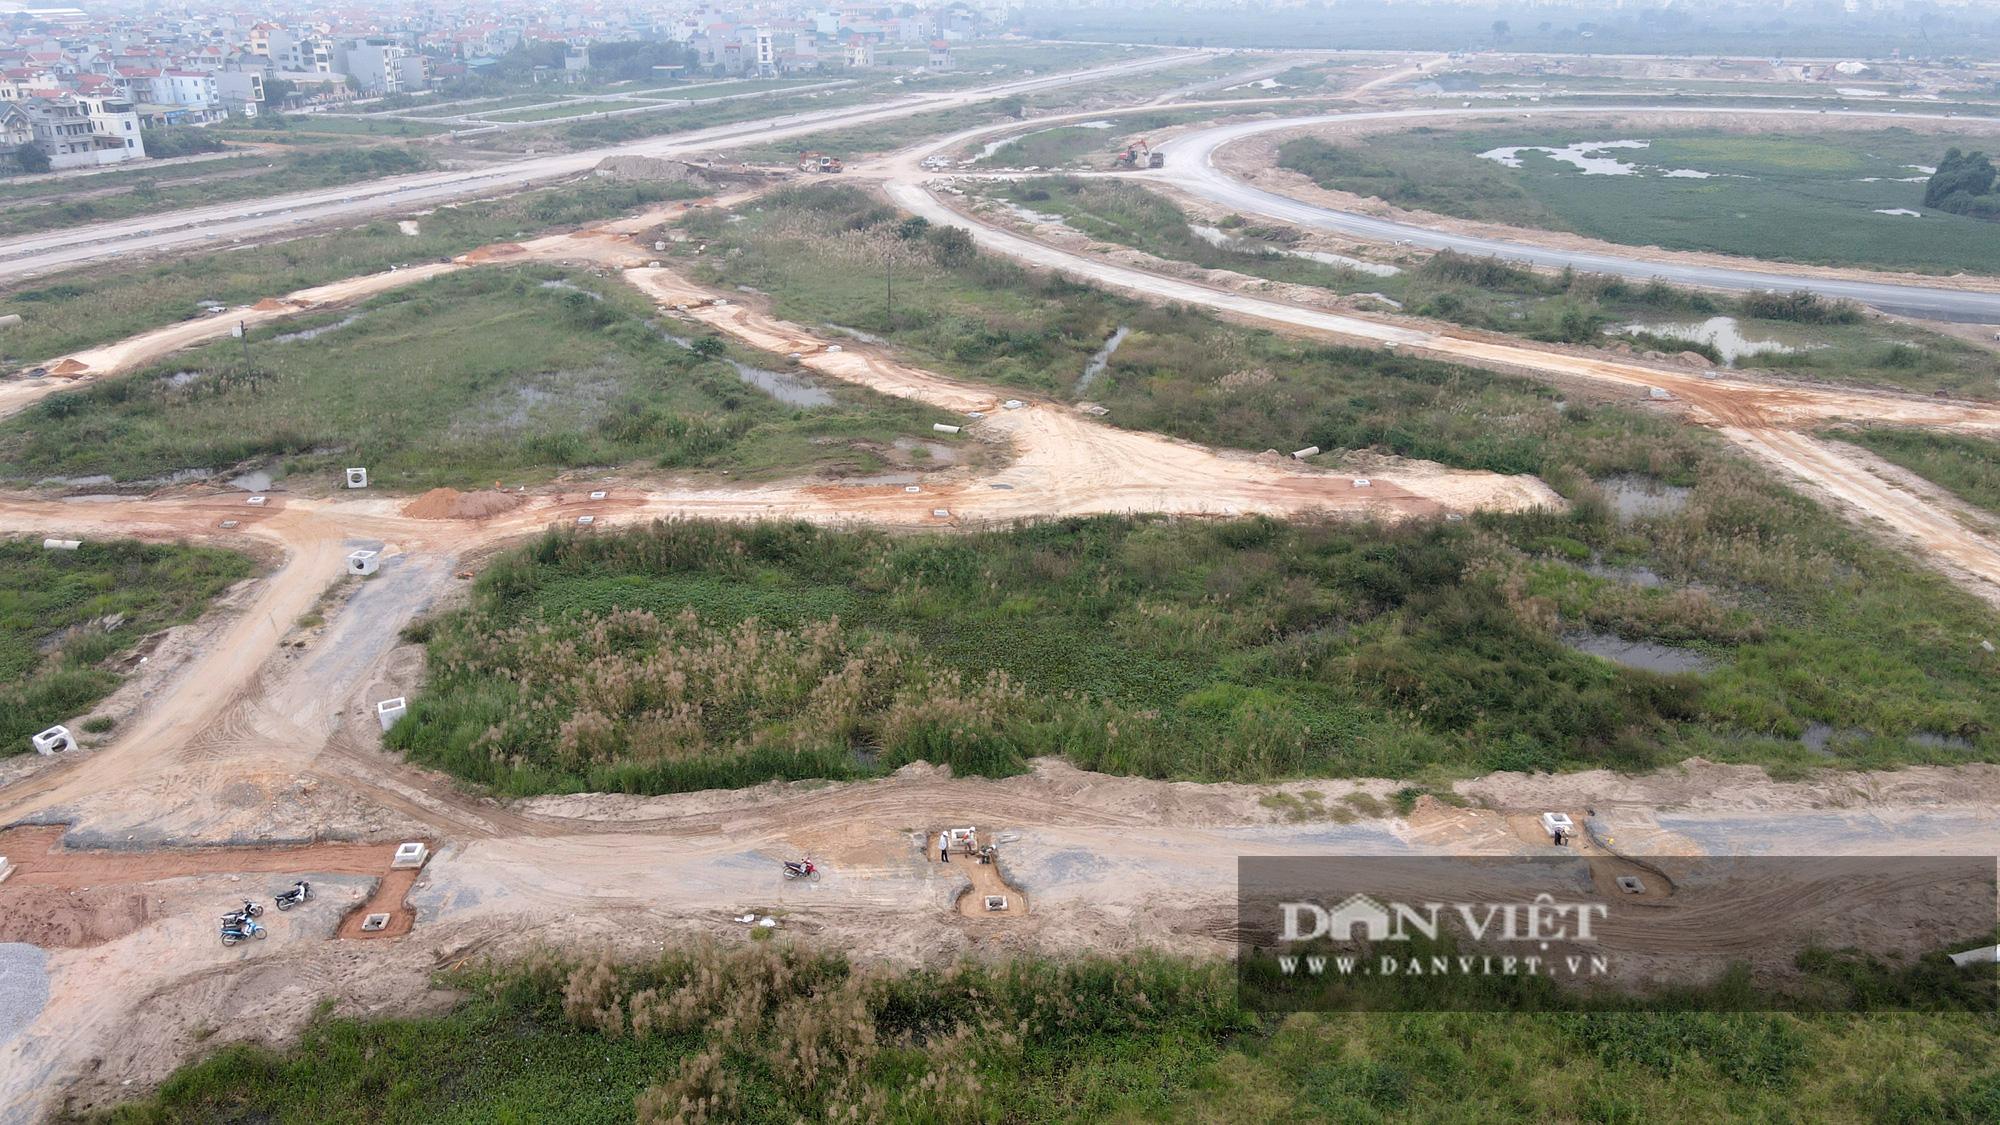 Cận cảnh dự án Kim Chung – Di Trạch ồ ạt rao bán khi nợ thuế, chưa xong hạ tầng - Ảnh 6.